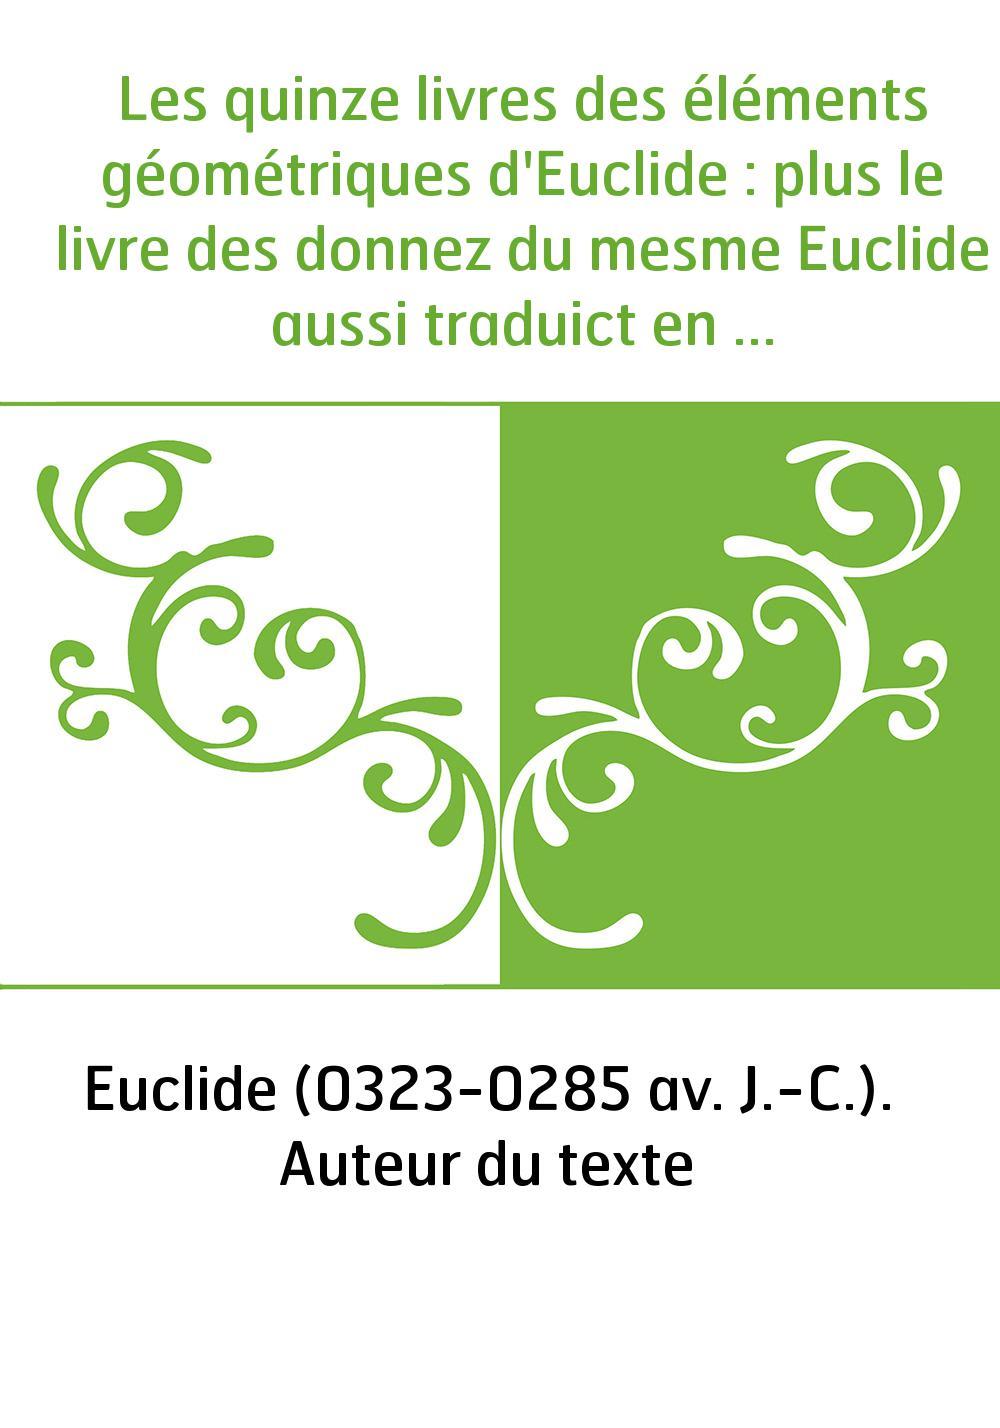 Les quinze livres des éléments géométriques d'Euclide : plus le livre des donnez du mesme Euclide aussi traduict en françois par